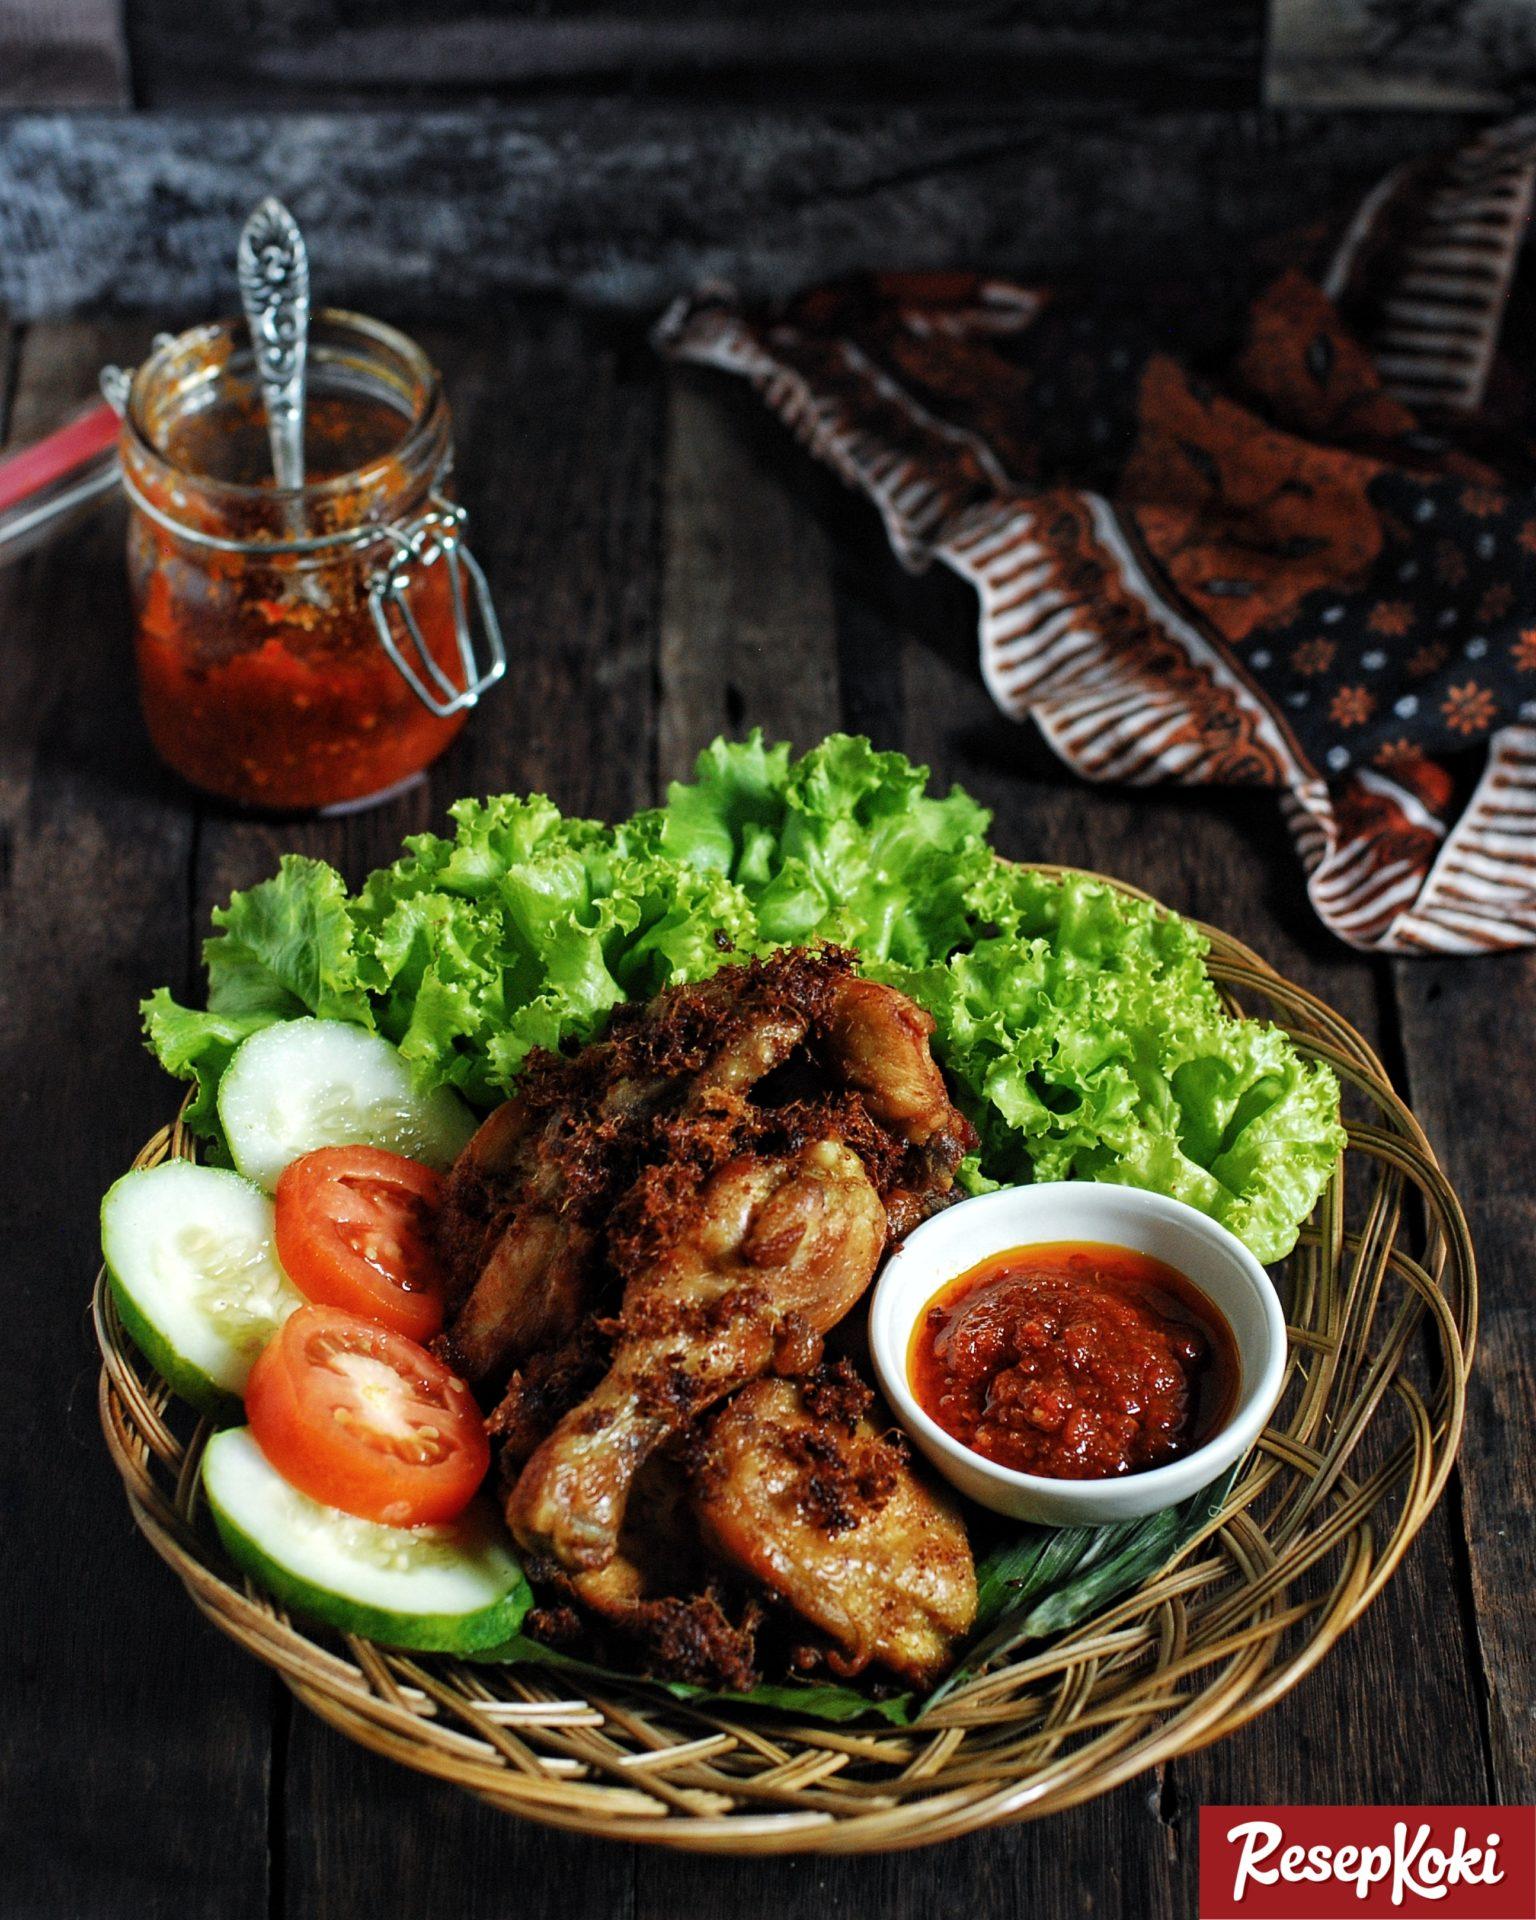 Ikuti 7 Langkah Membuat Ayam Ungkep Agar Lezat, Gurih, dan